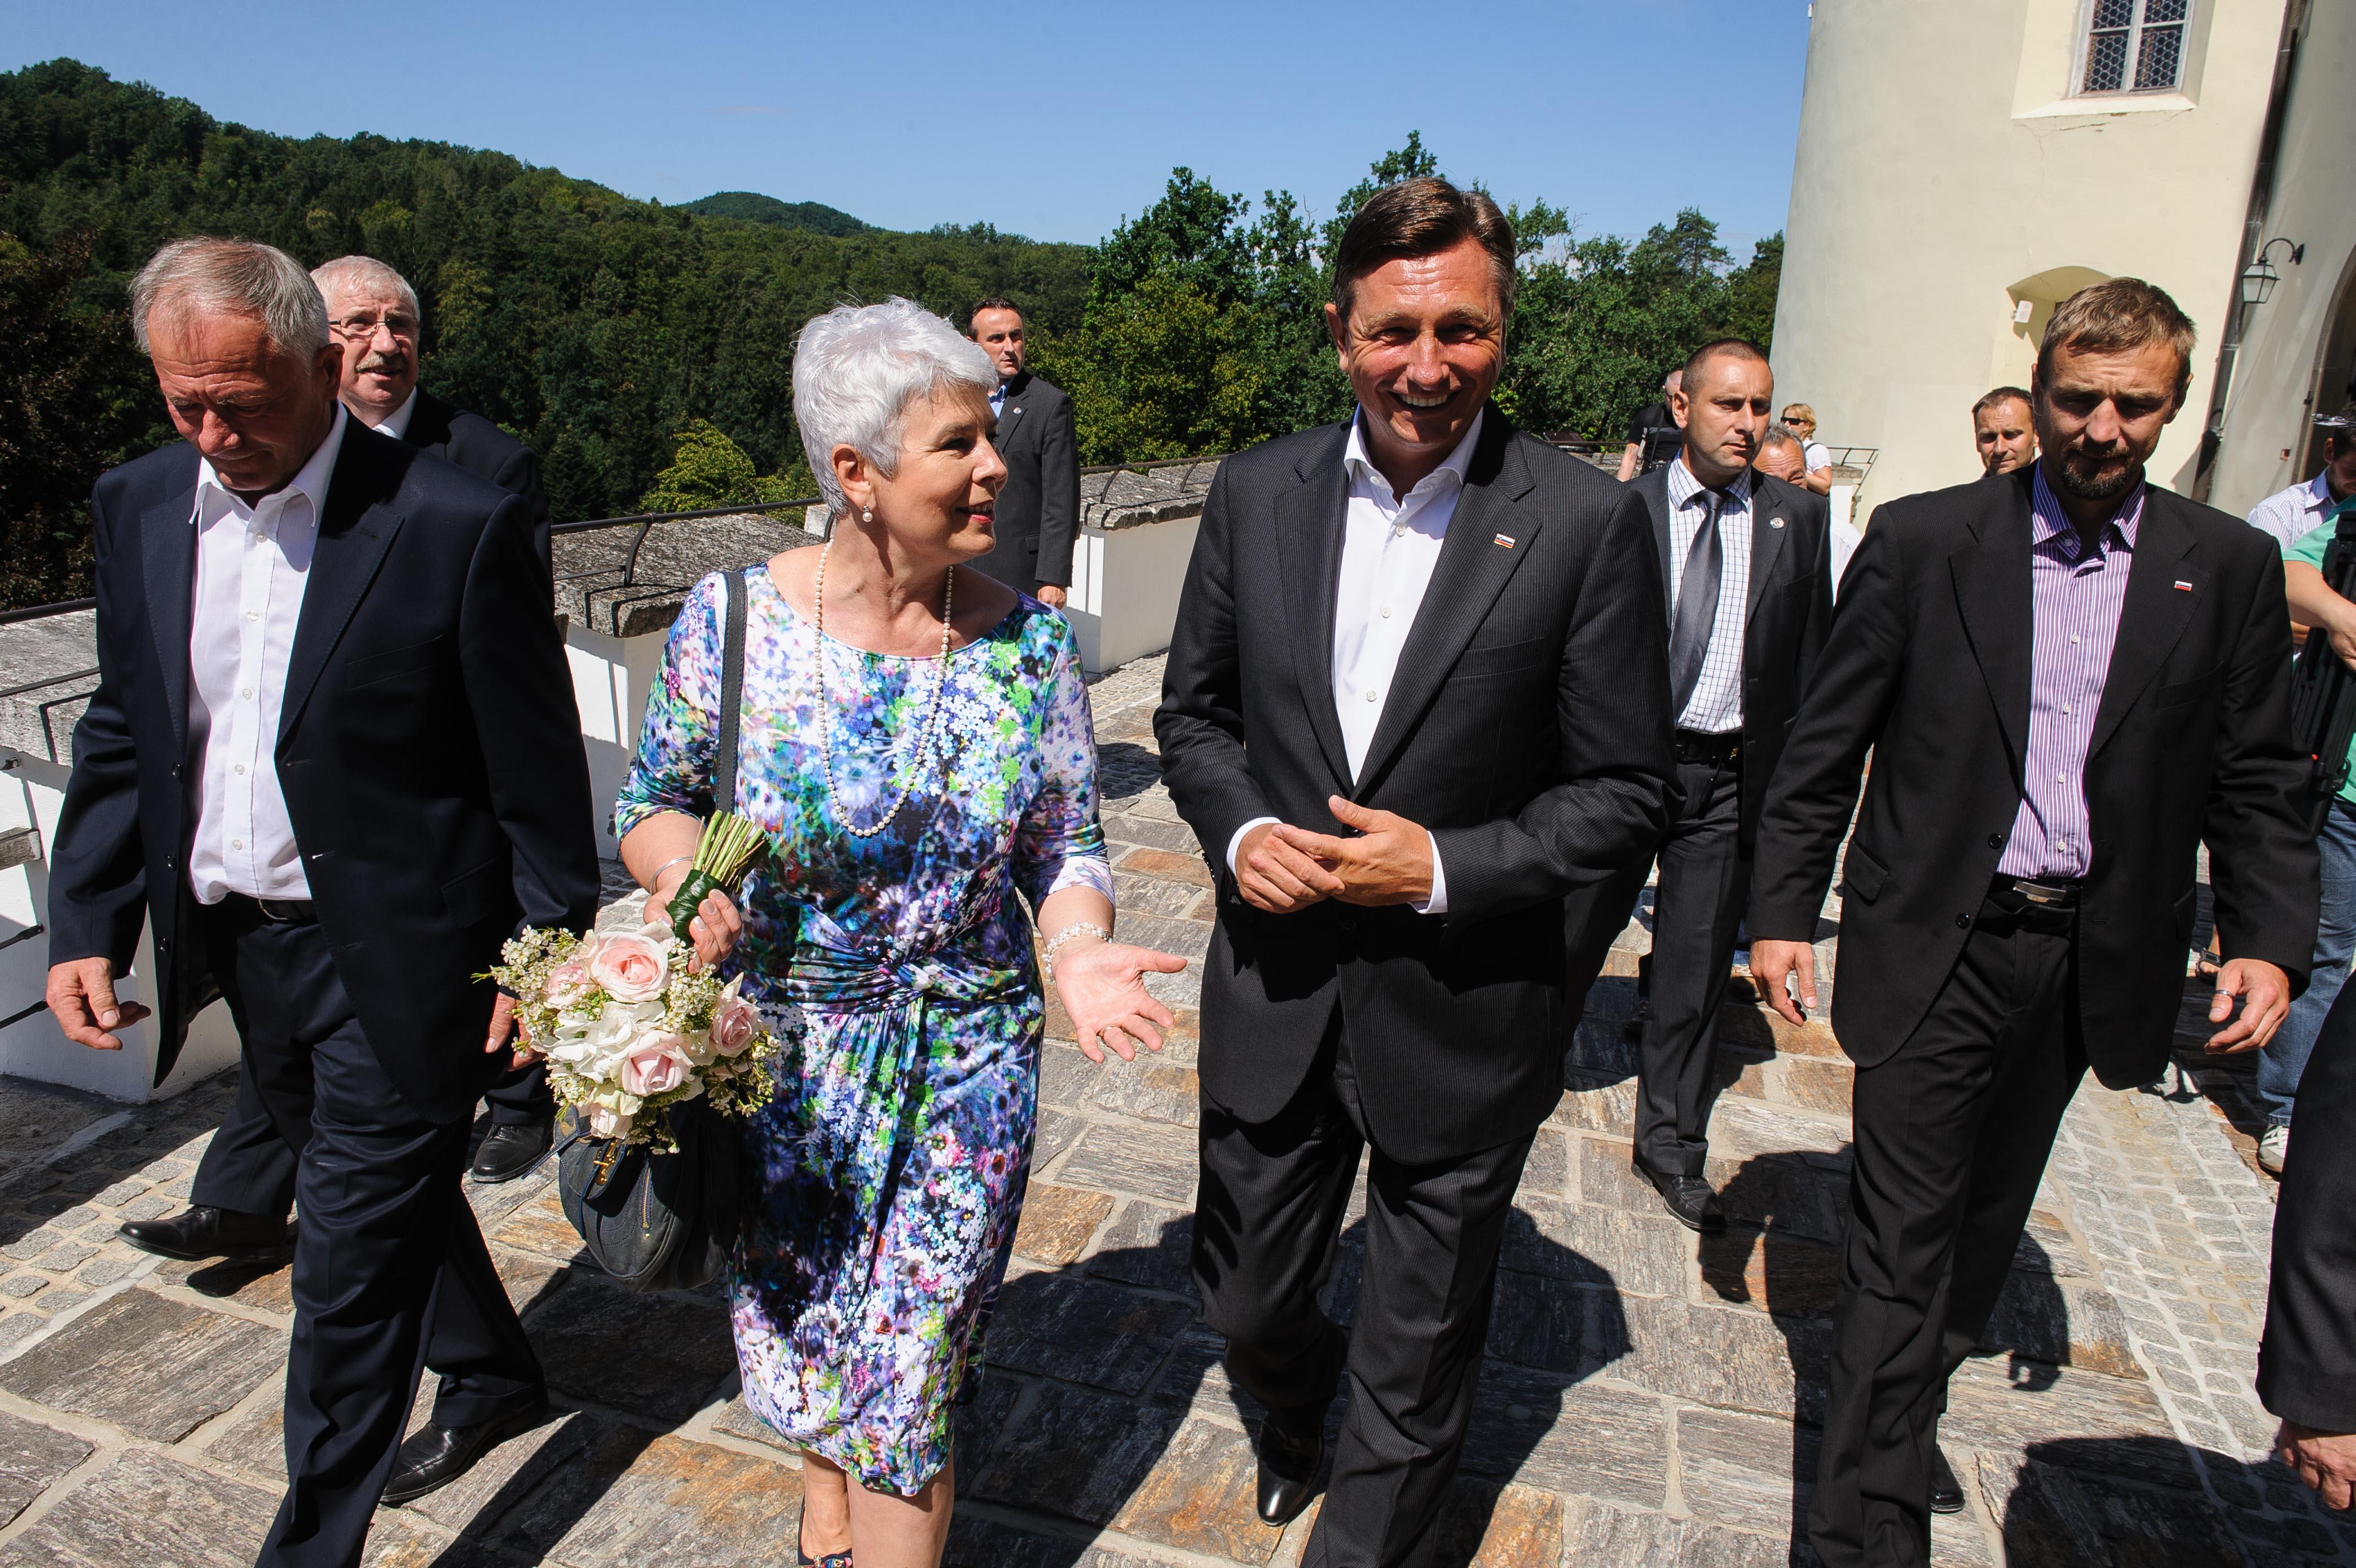 Bivša hrvaška premierka Jadranka Kosor in sedanji predsednik RS Borut Pahor, tedanji slovenski predsednik vlade, kjer se je vse skupaj začelo z odločitvijo, da bo Slovenija reševala težave s Hrvaško z arbitražo. Miha Pogačnik je zaradi tega nepreklicno odstopil pred desetimi leti. Danes so se njegove napovedi žal uresničile. (Foto: STA)